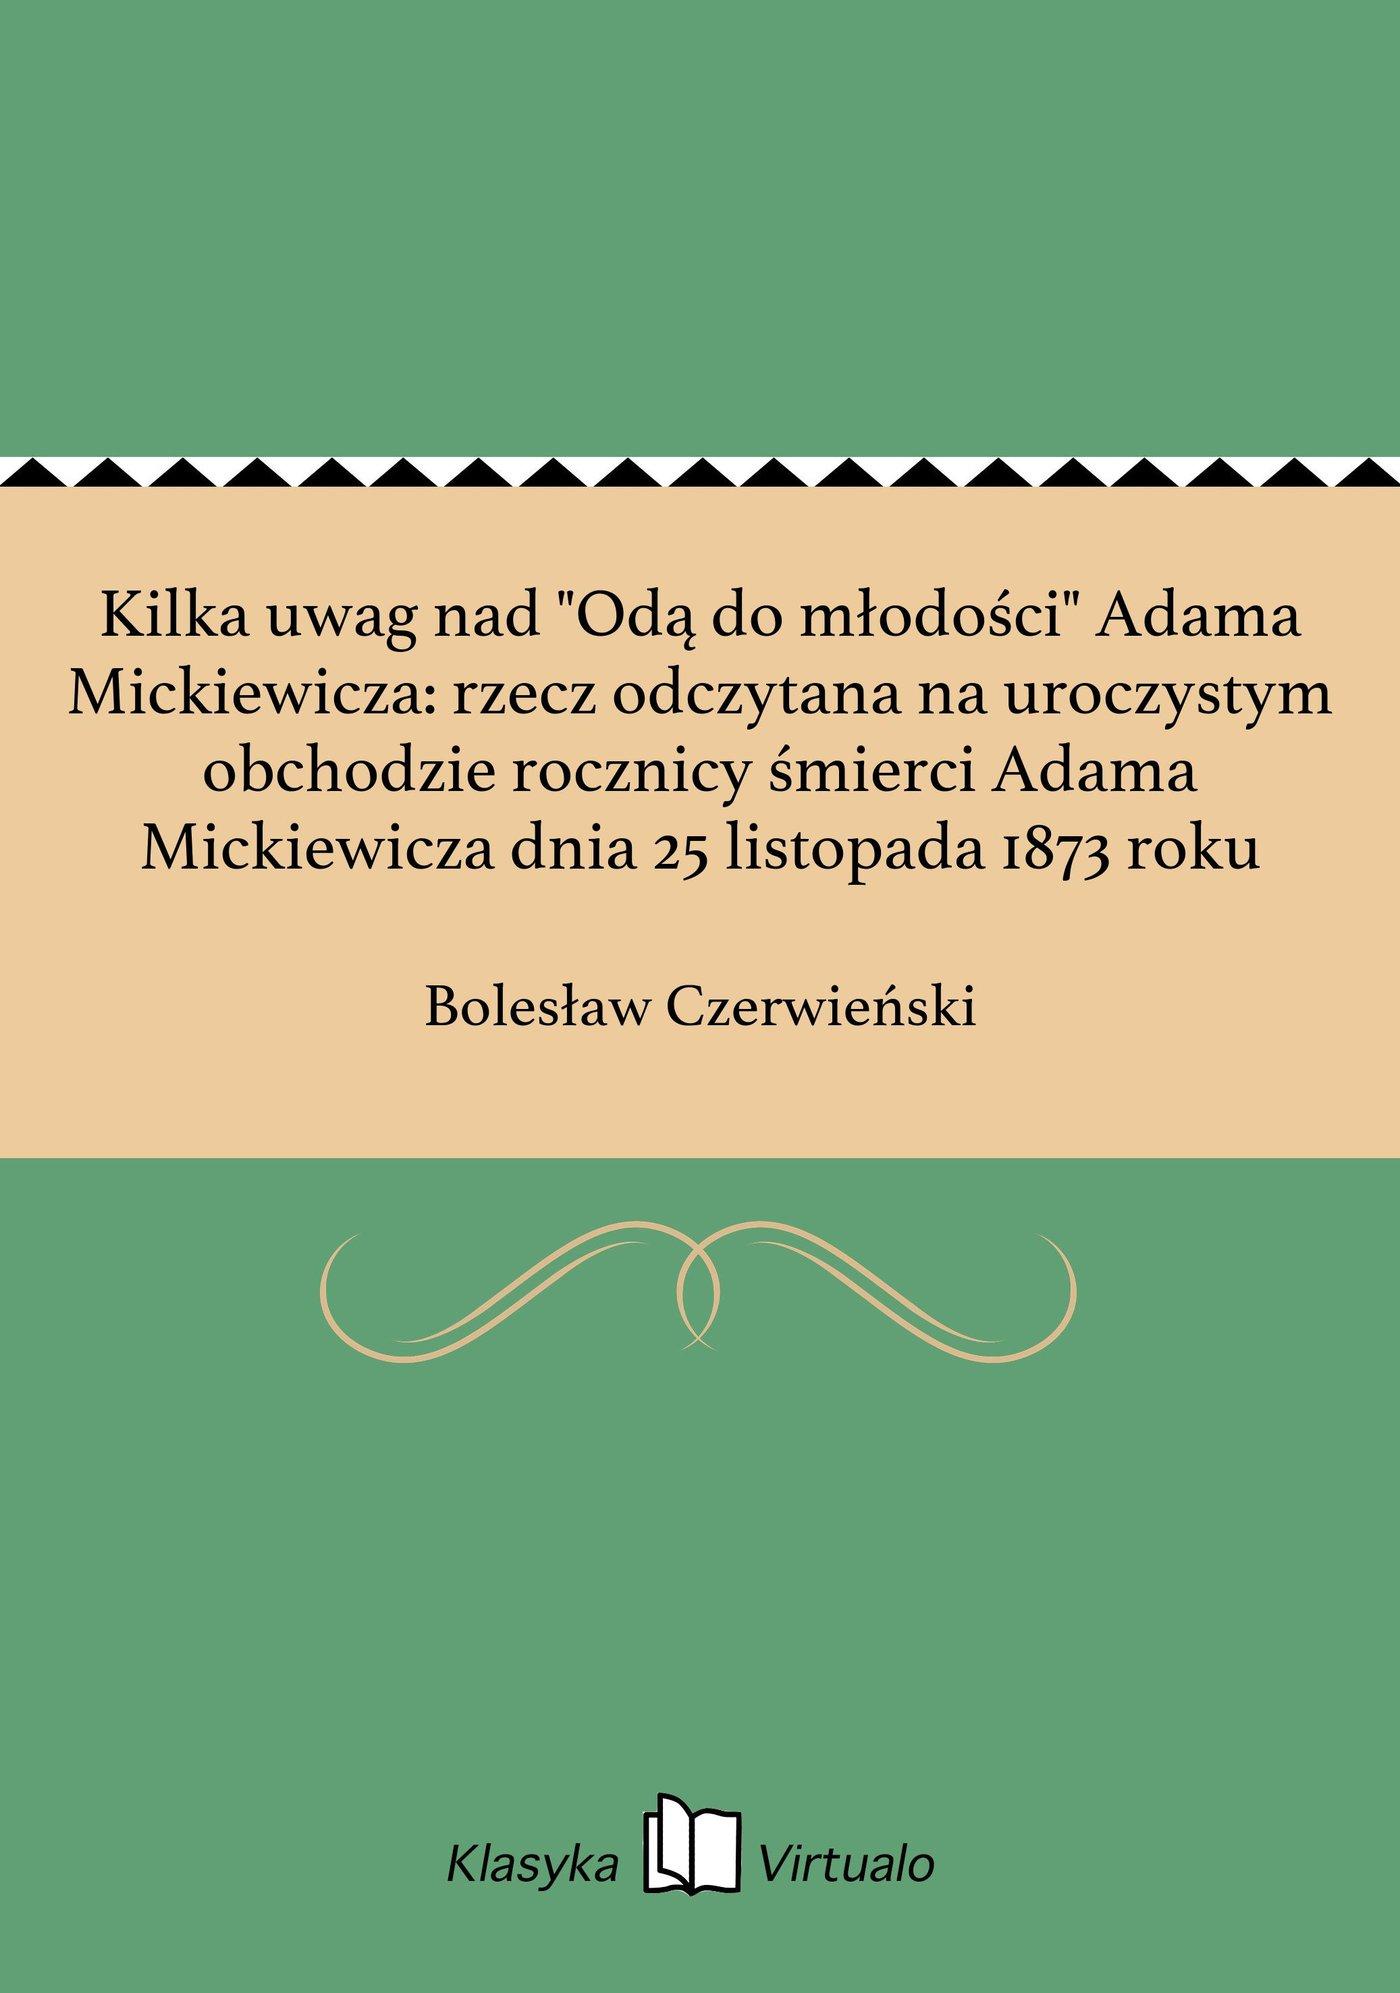 """Kilka uwag nad """"Odą do młodości"""" Adama Mickiewicza: rzecz odczytana na uroczystym obchodzie rocznicy śmierci Adama Mickiewicza dnia 25 listopada 1873 roku - Ebook (Książka EPUB) do pobrania w formacie EPUB"""